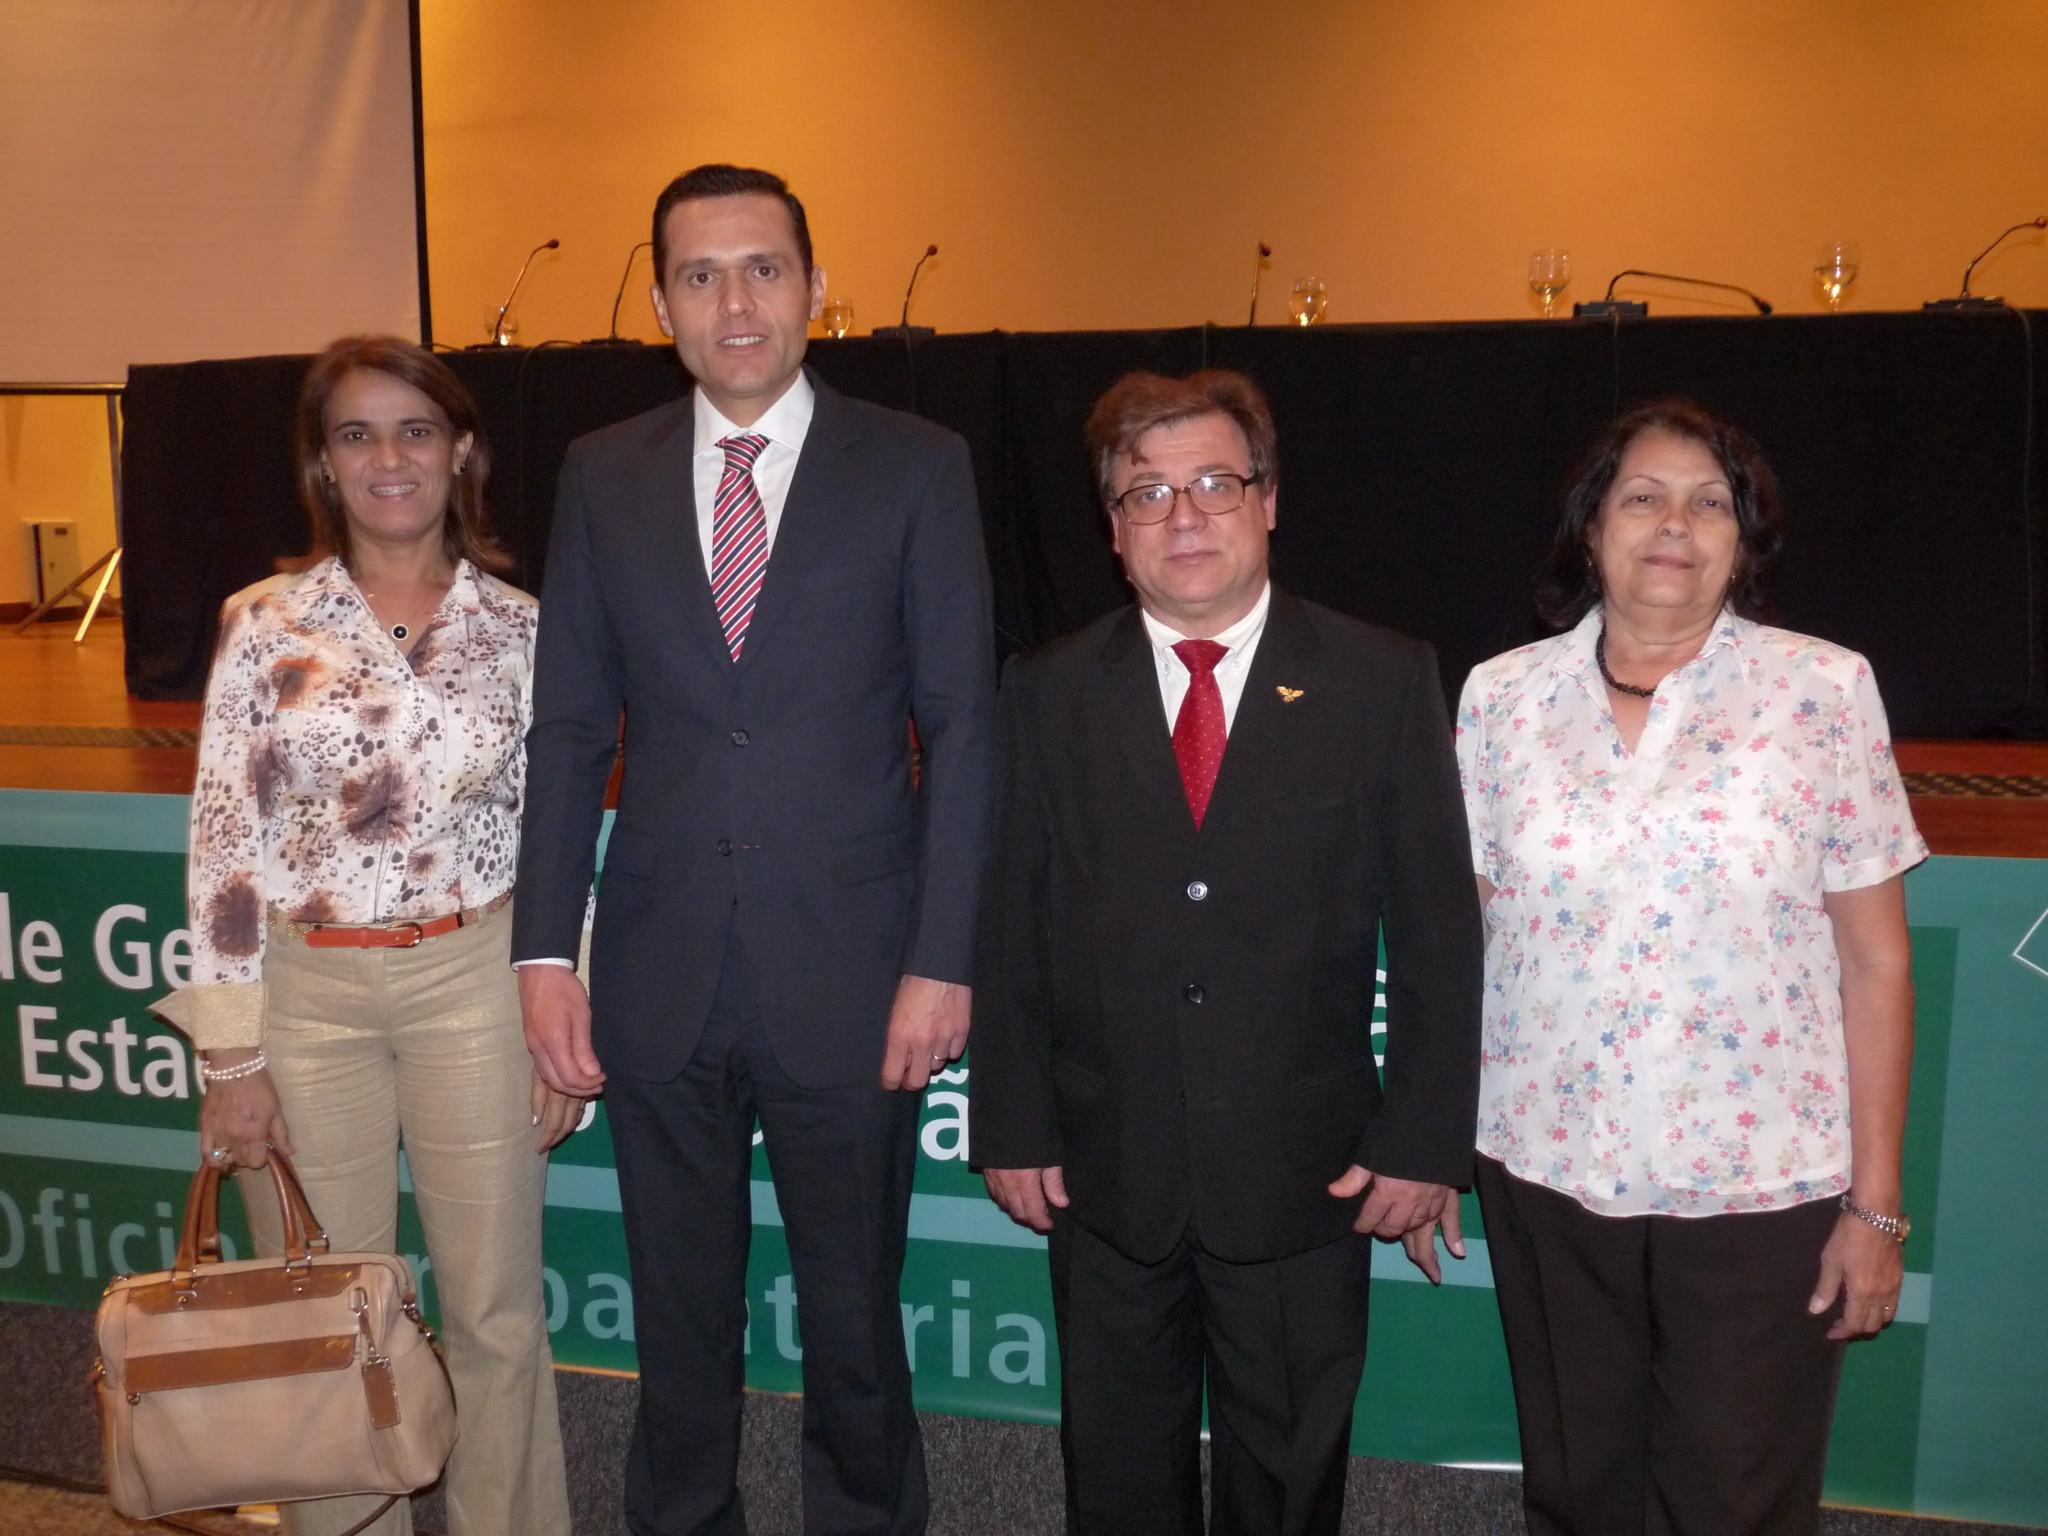 17,18-09-2012 - Agenda de Gestão Pública CONSAD - Centro de Convenções Ulysses Guimarães Brasília (46)